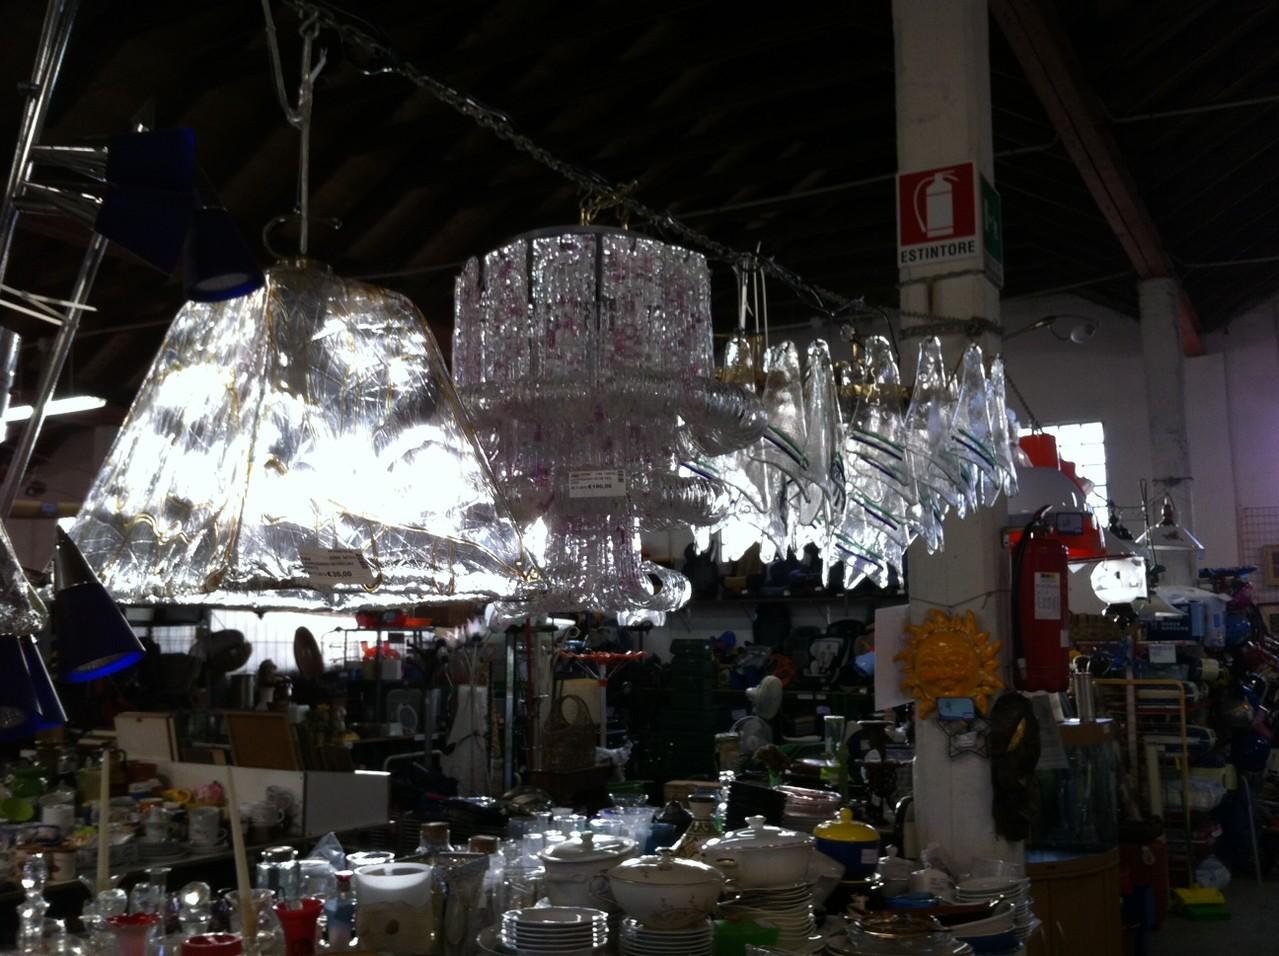 mercatino di saronno bazaar benvenuti su mercatinodisaronno